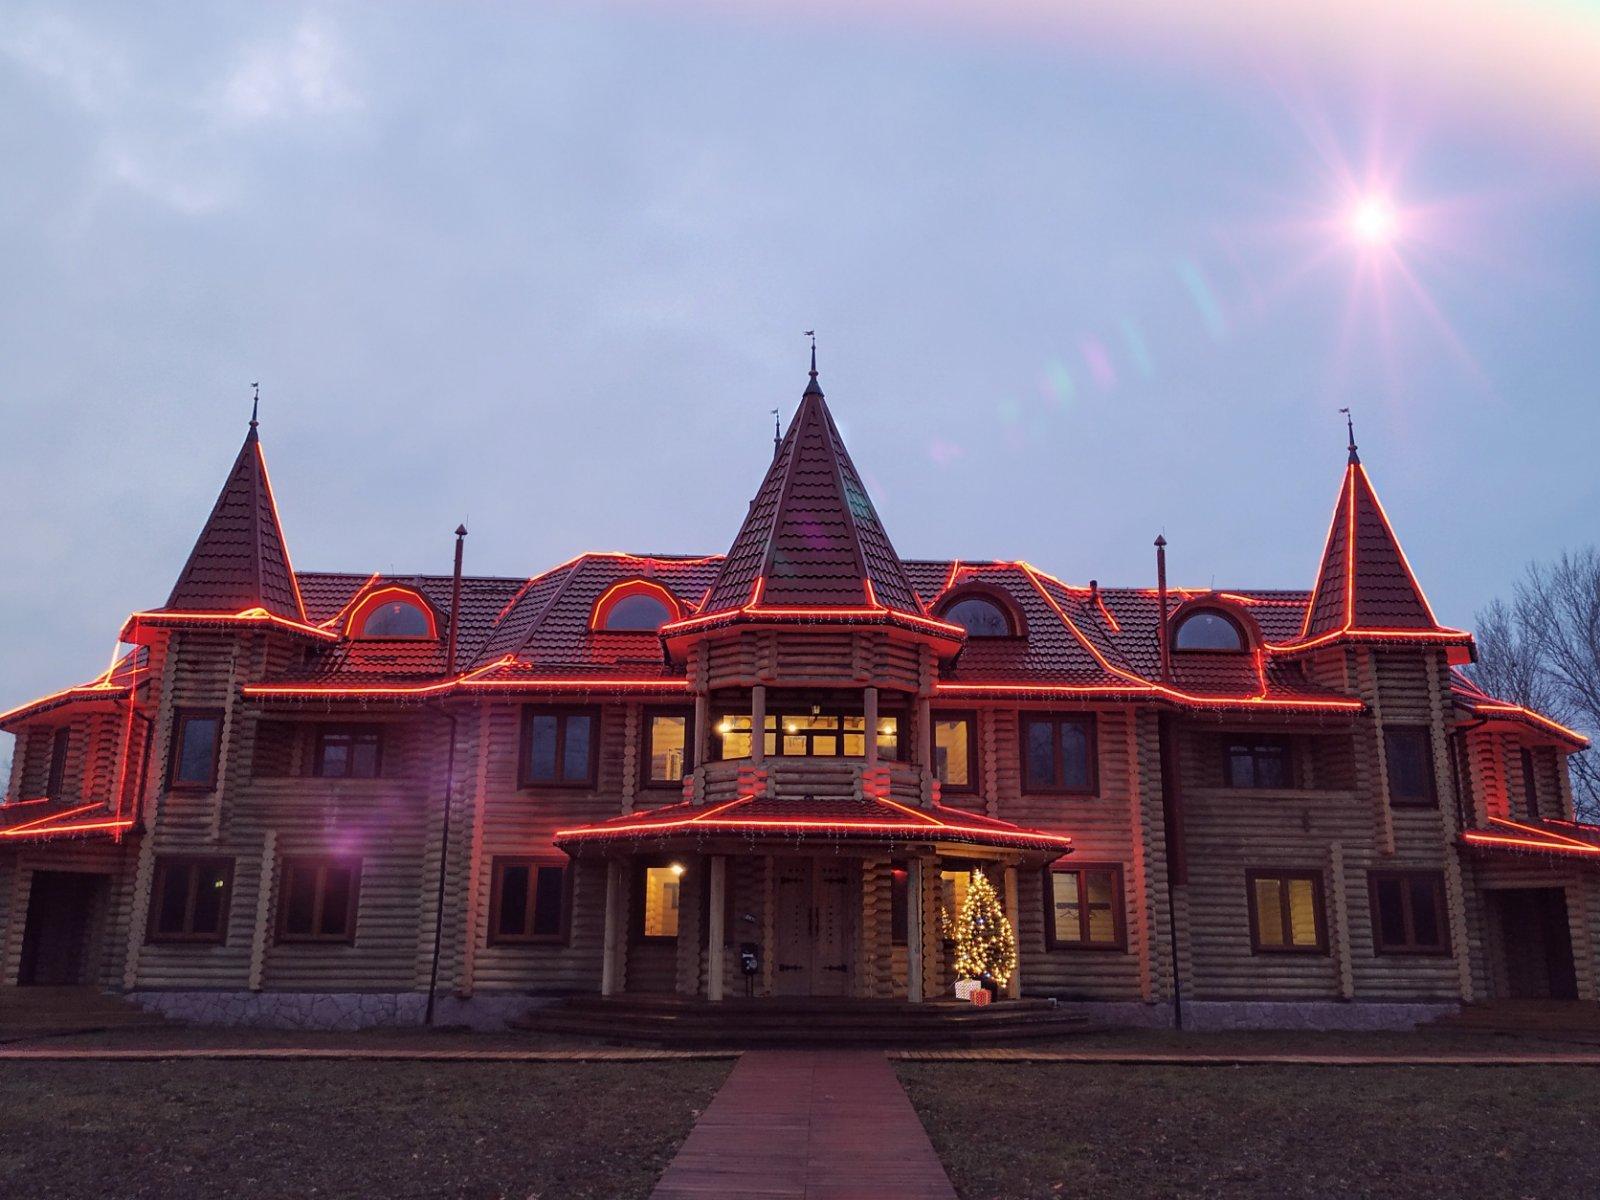 dom otel novyj 2020 god - Свадьба в замке